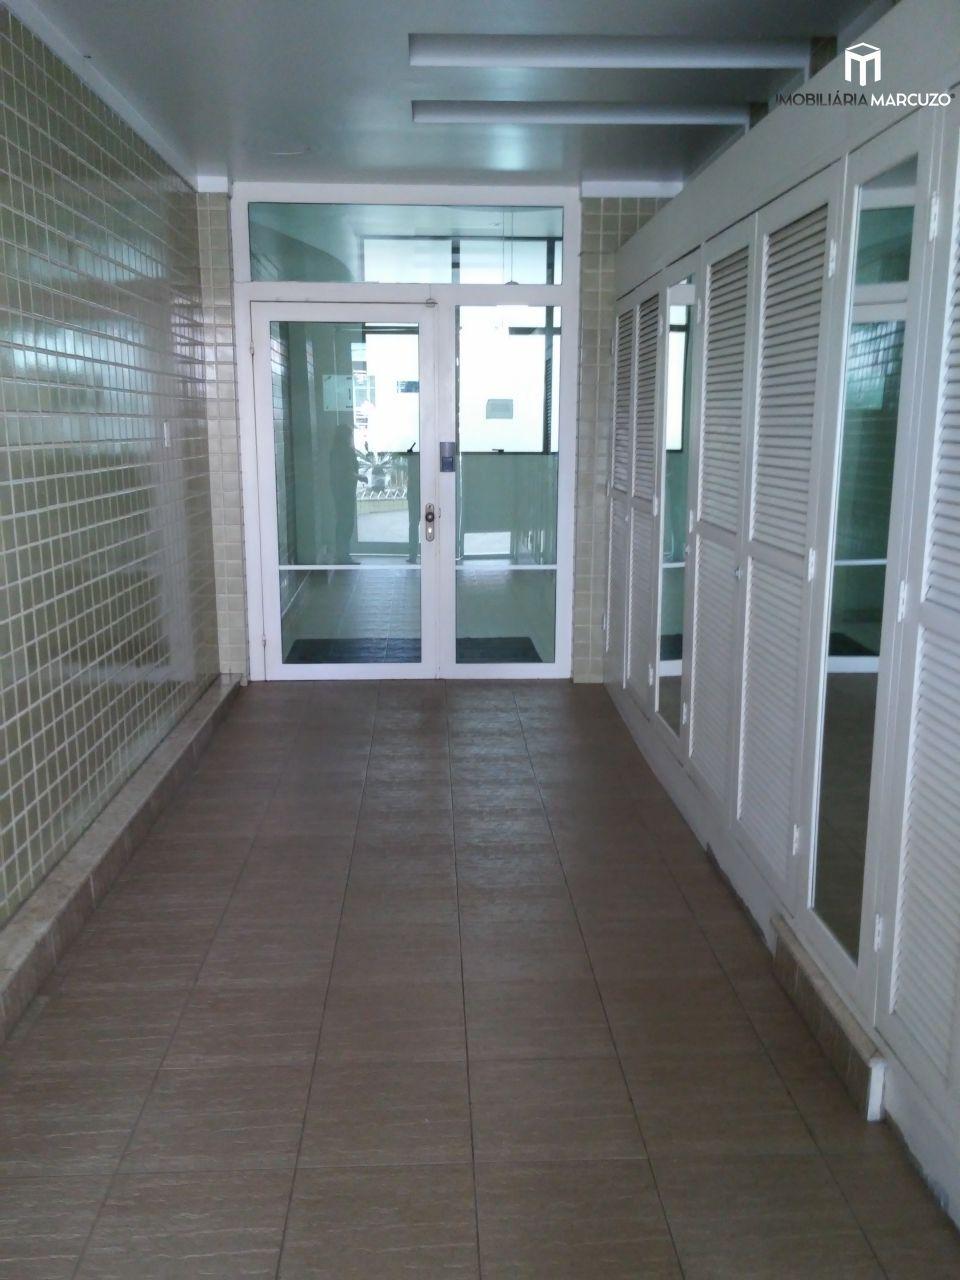 Apartamento com 3 Dormitórios à venda, 113 m² por R$ 635.000,00